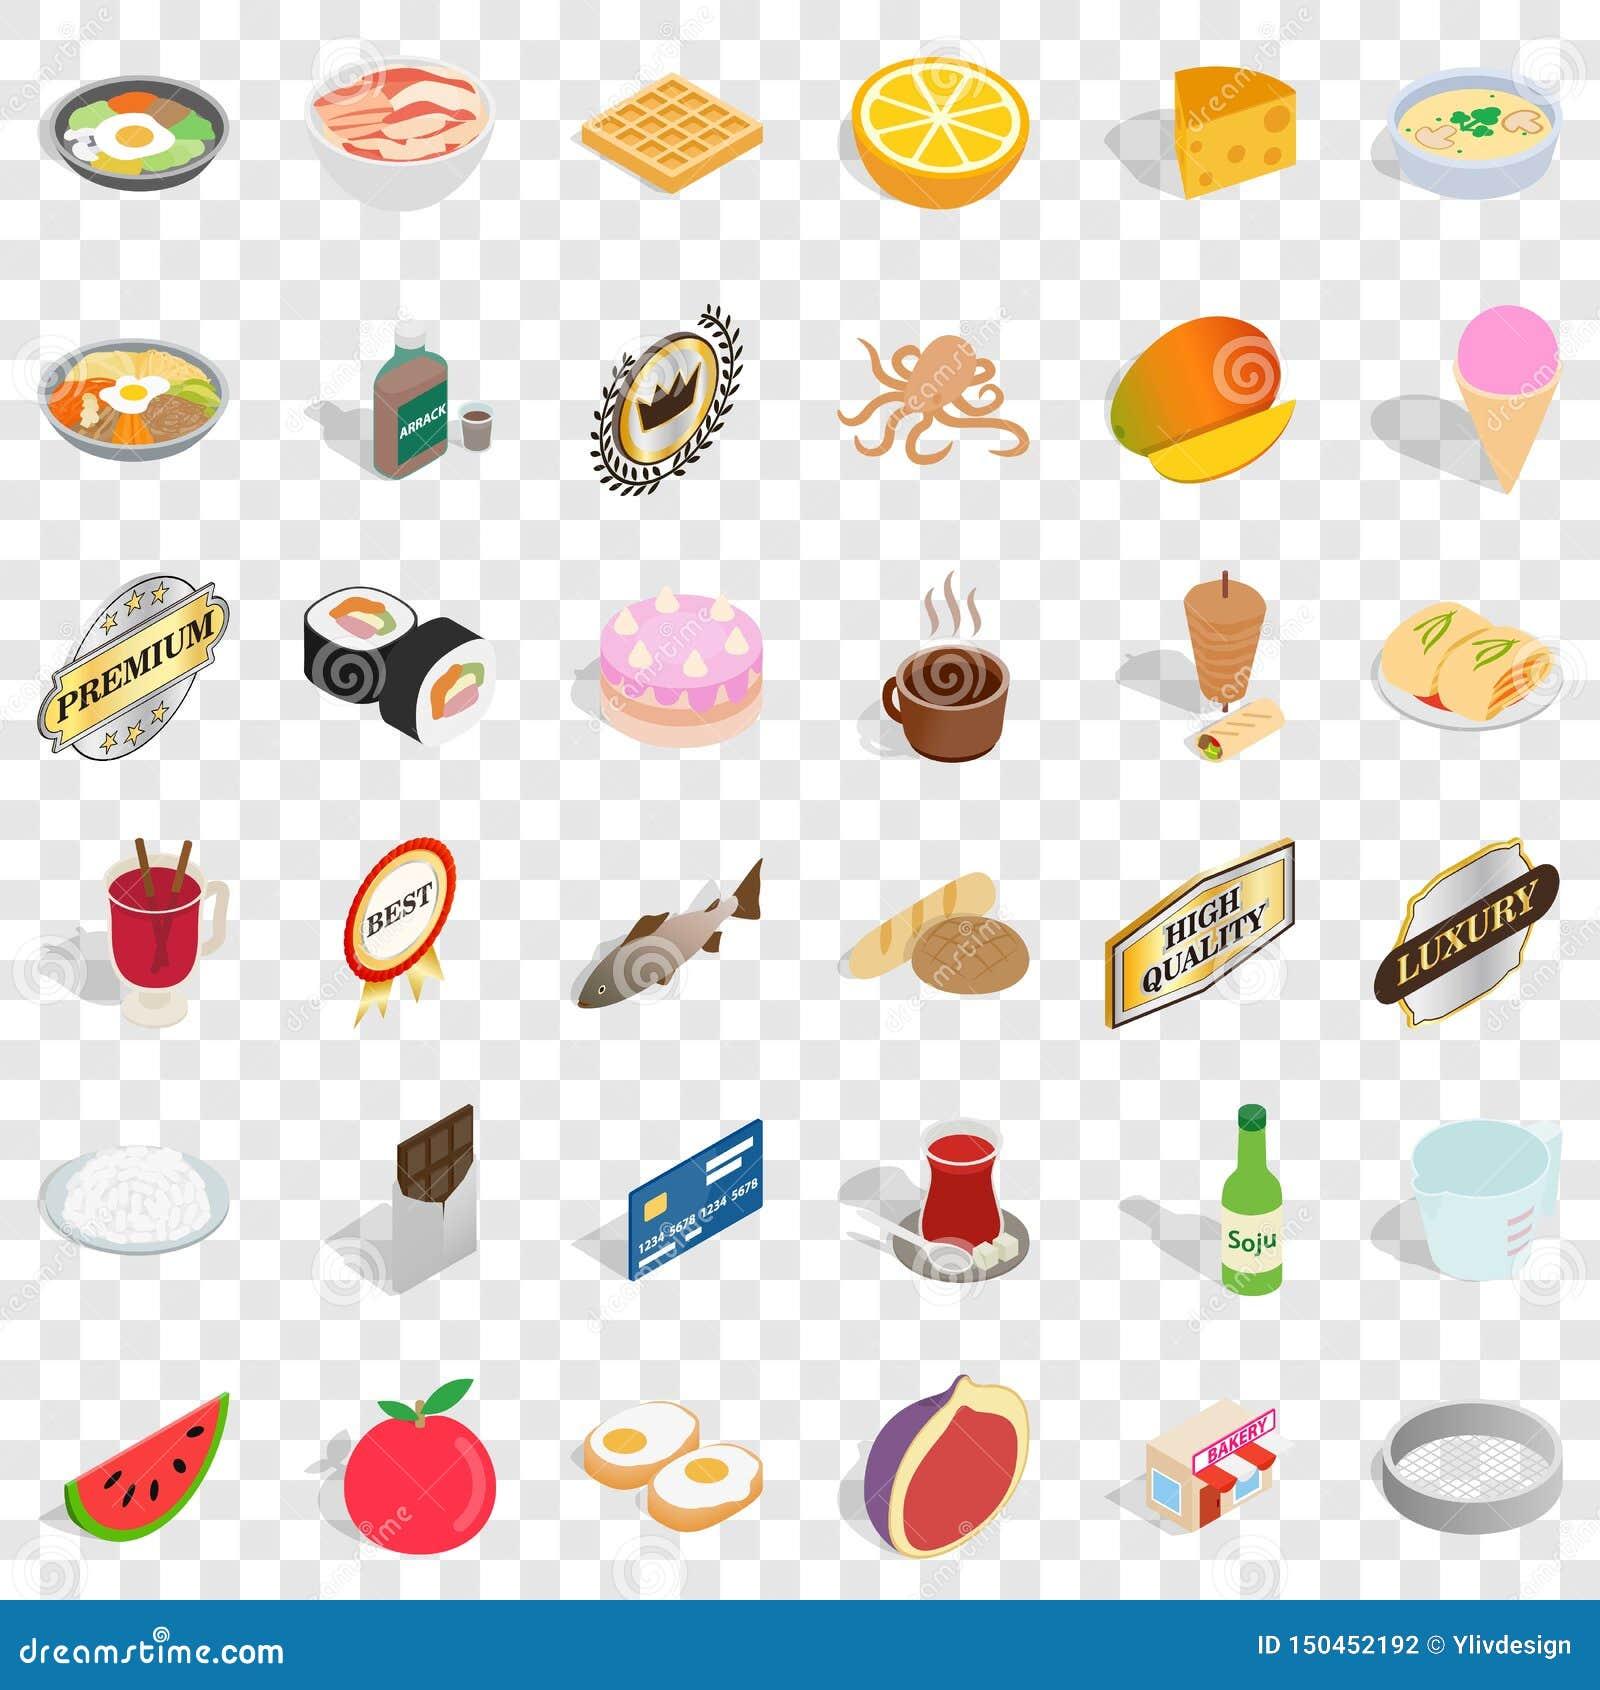 Chef icons set, isometric style